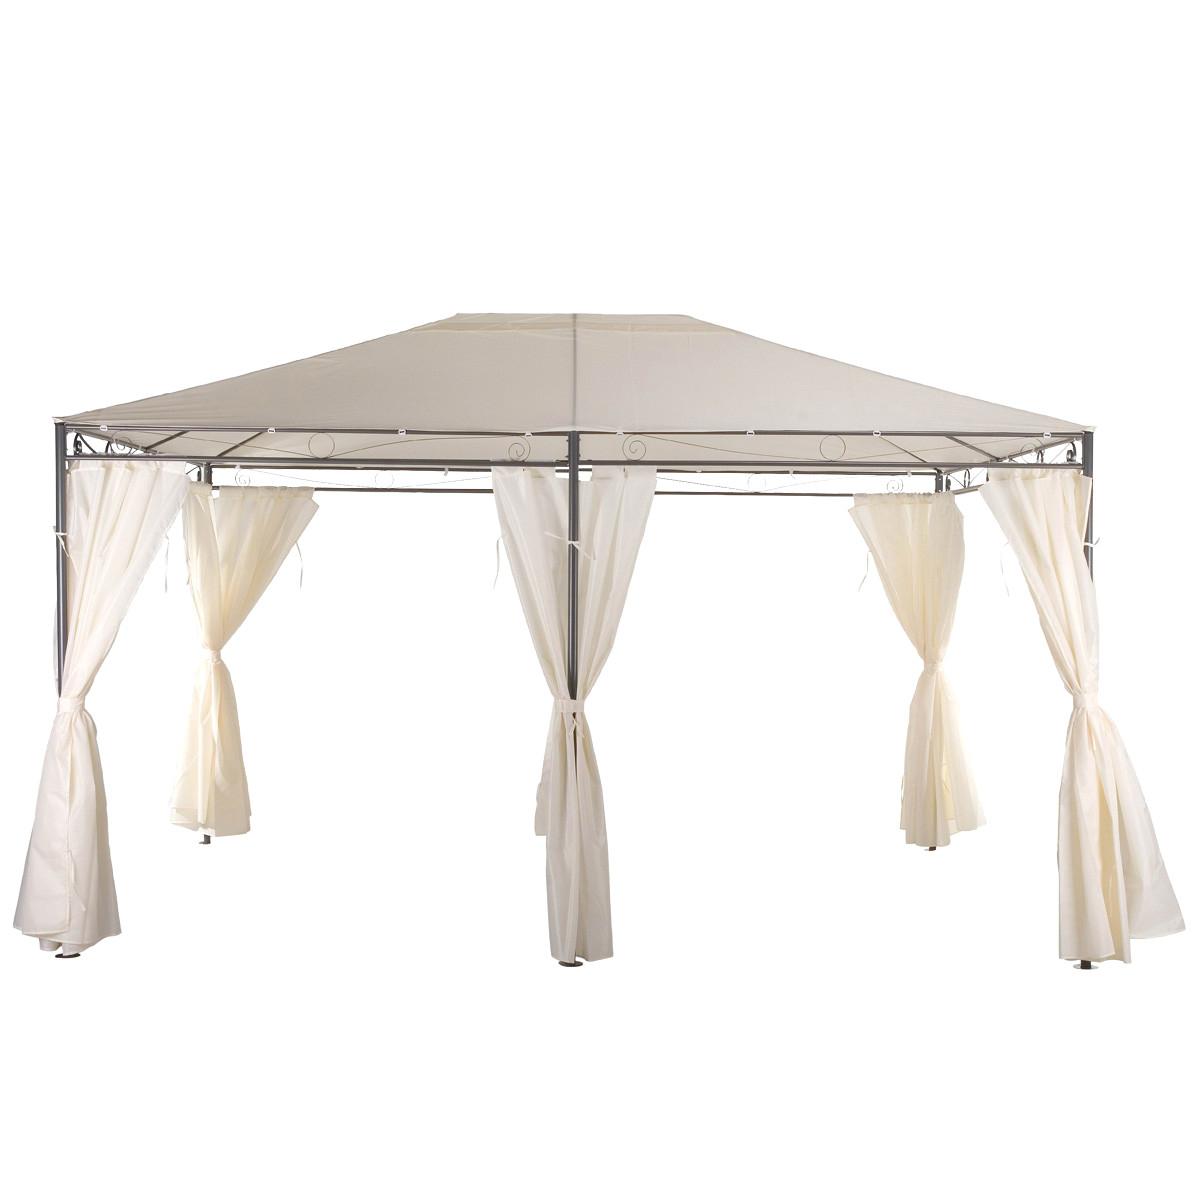 Tonnelle Parapluie Gifi Luxe Images Ides Dimages De Tente De Reception 3—6 Gifi